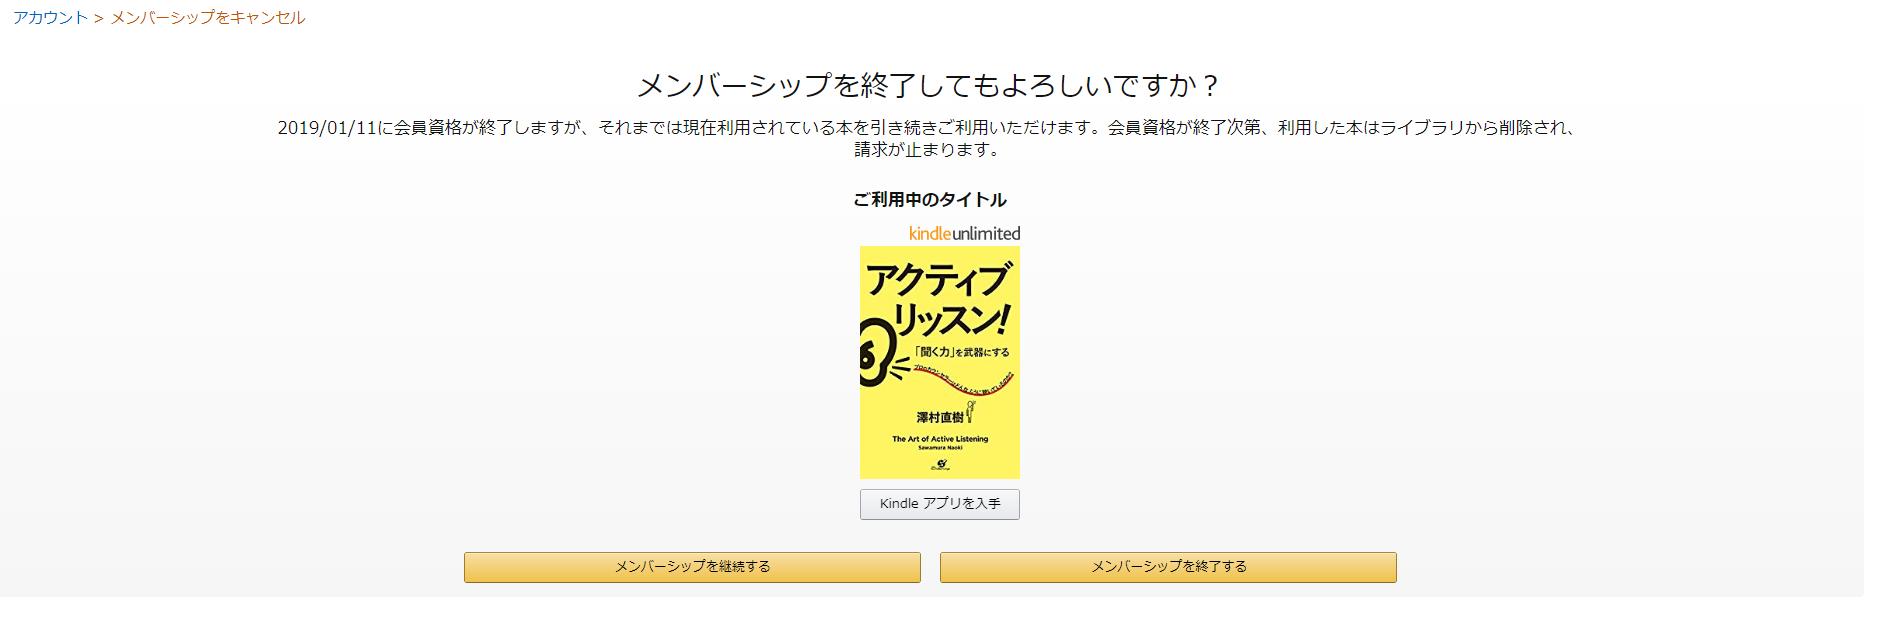 Kindle Unlimitedを秒速で解約する方法(30秒で完了)